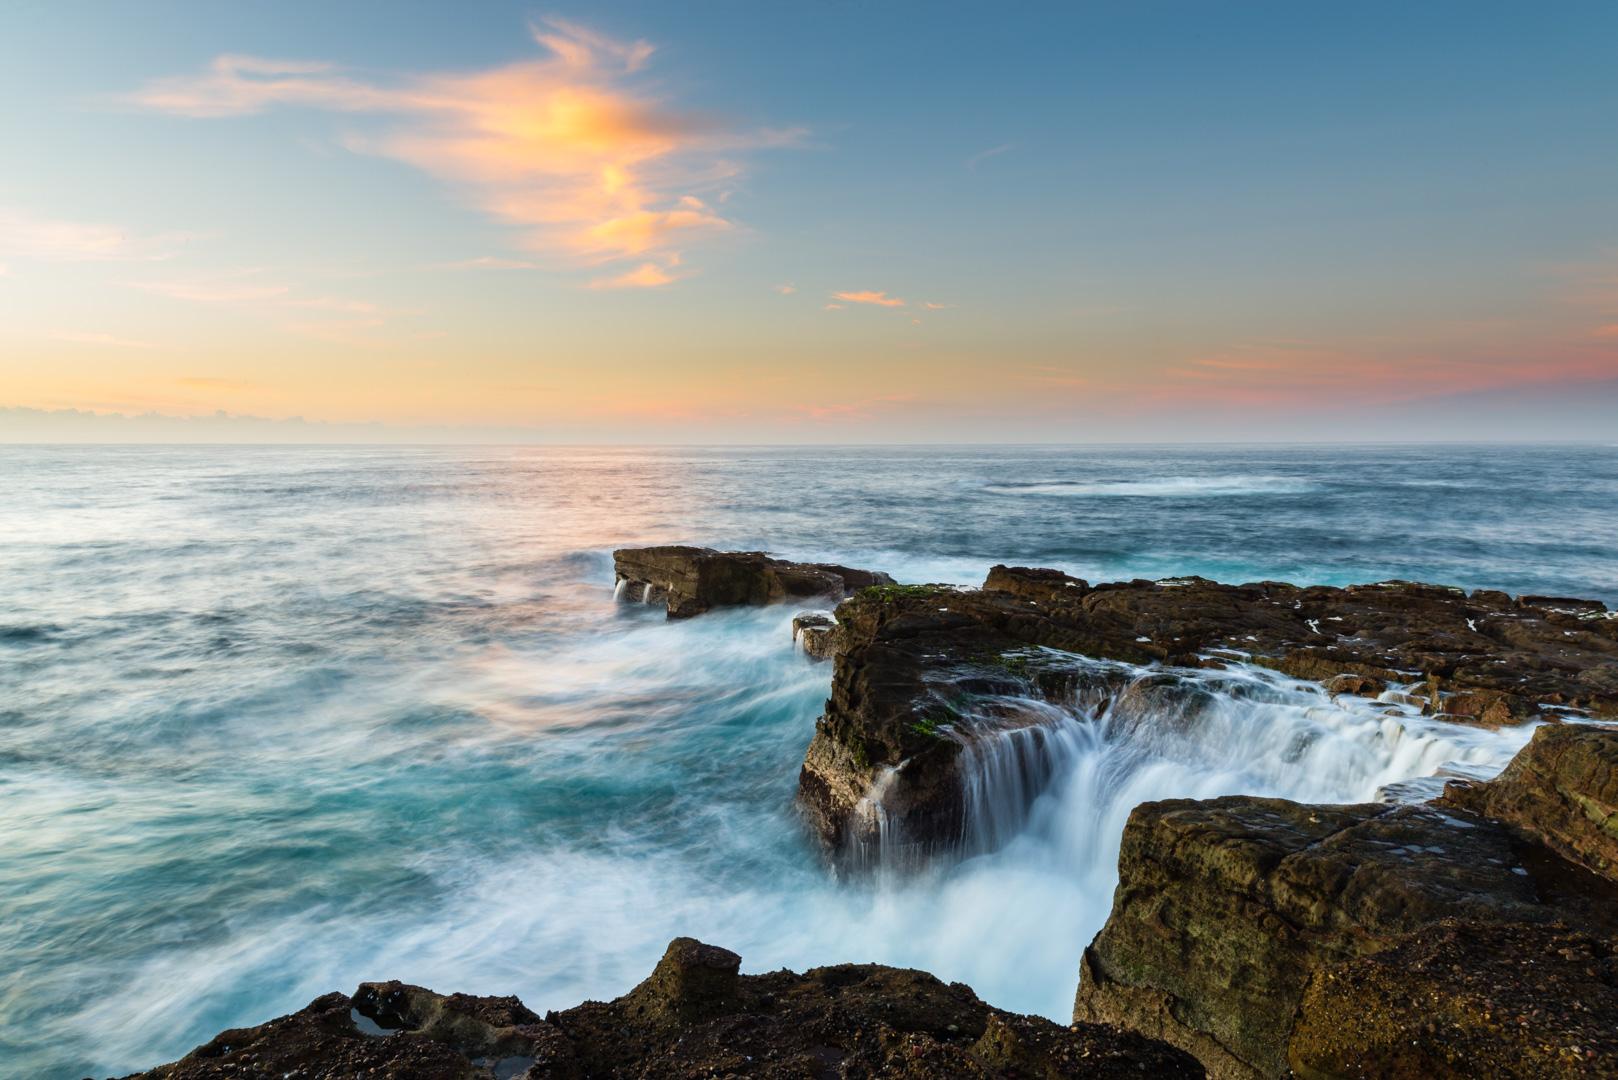 Australia Norah-Head, waves at rocky coast